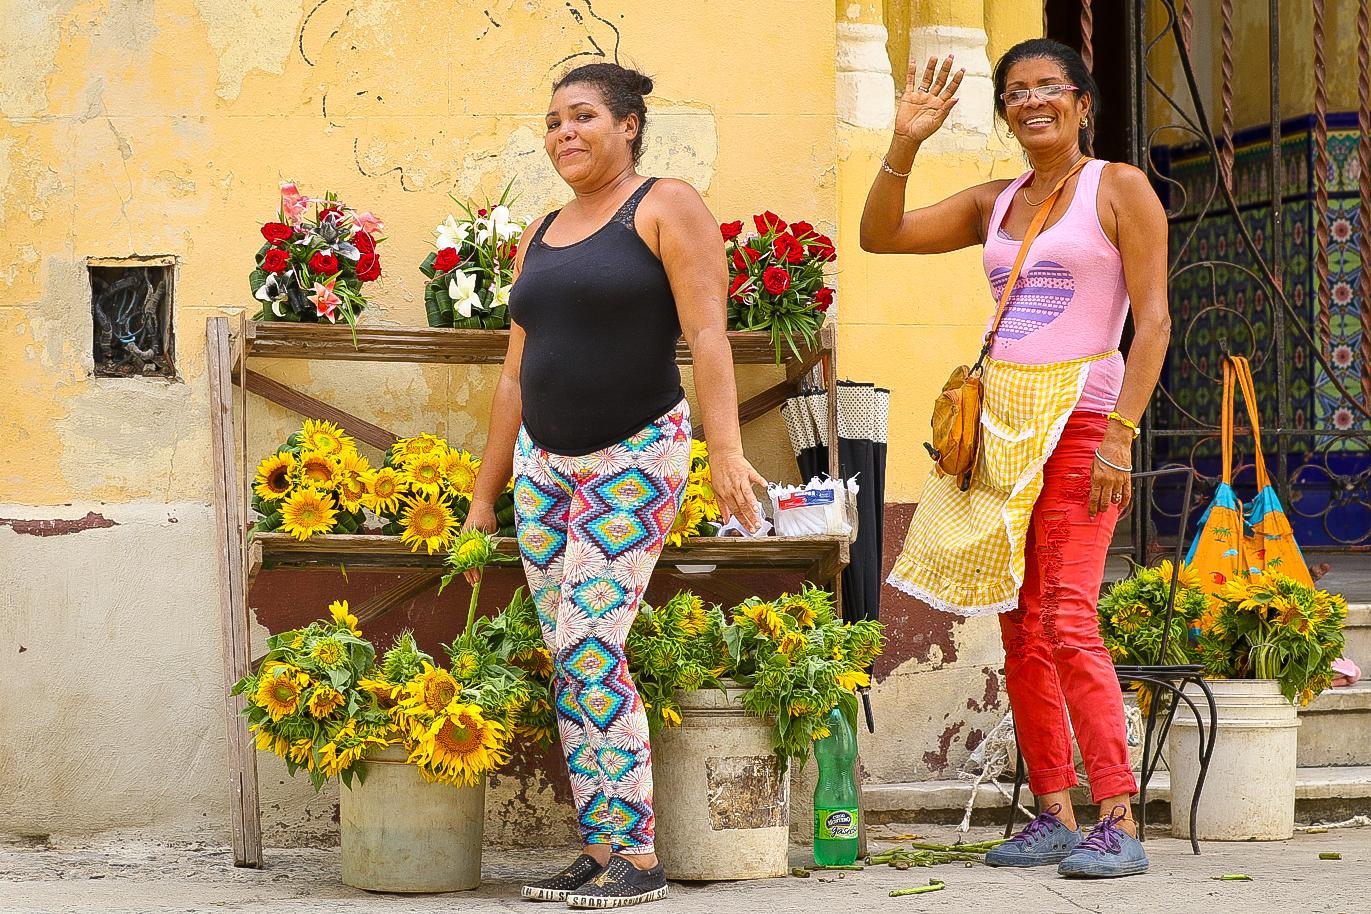 """Side street flower vendors.......""""Tienes una esposa?"""" """"Si"""" I replied. """"Quieres una novia Cubana?!"""" they asked next!"""